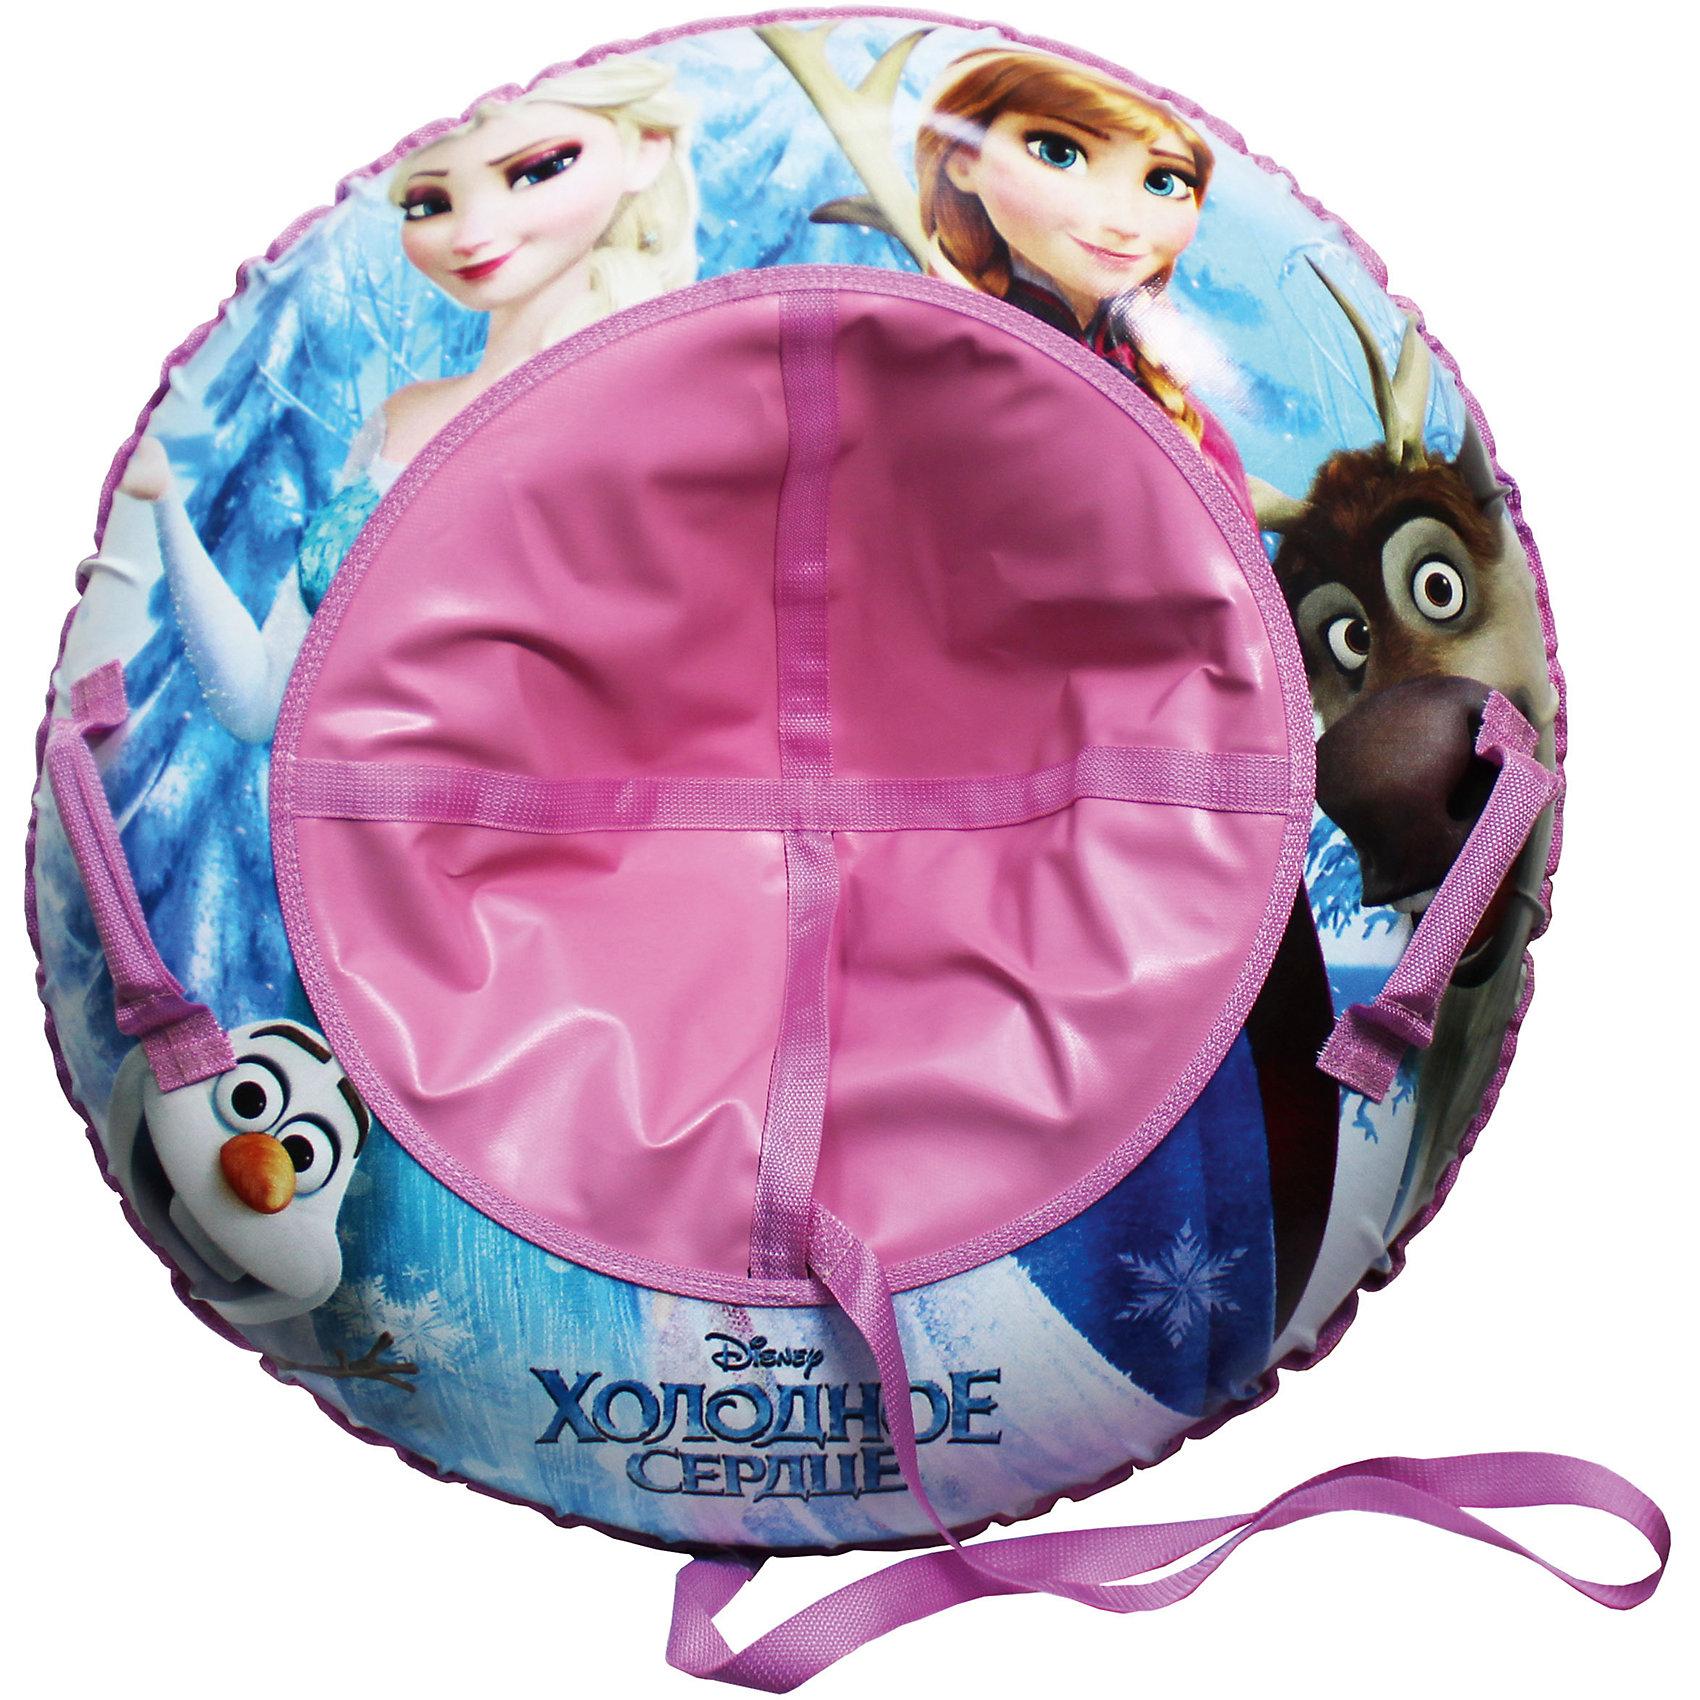 Disney Надувные сани-тюбинг, 100см, с буксировочным троссом, Холодное Сердце сани надувные super jet tubing princess диаметр в надутом состоянии 62 см рисунок принцессы арт sjt 62r